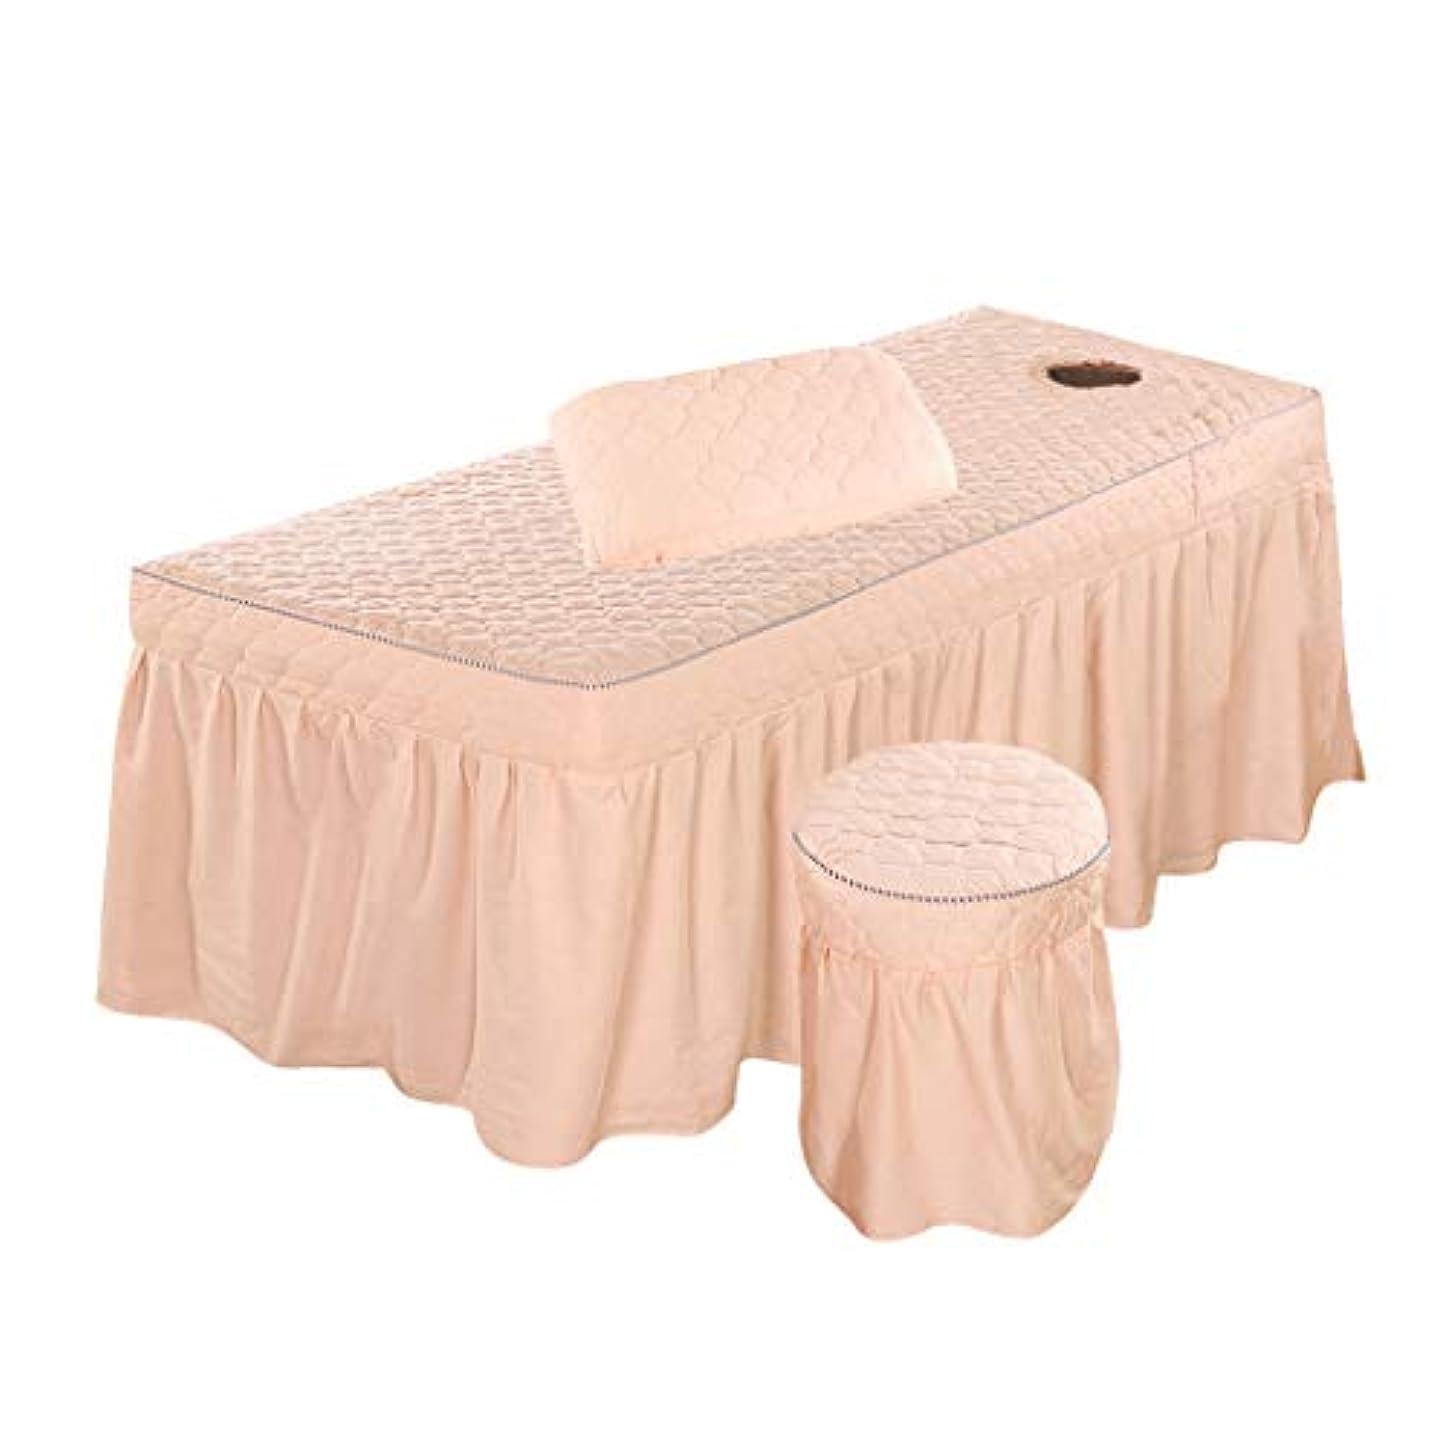 不機嫌非難お勧めマッサージベッドカバー 有孔 スツールカバー 枕カバー 快適 3個/セット - ライトピンク